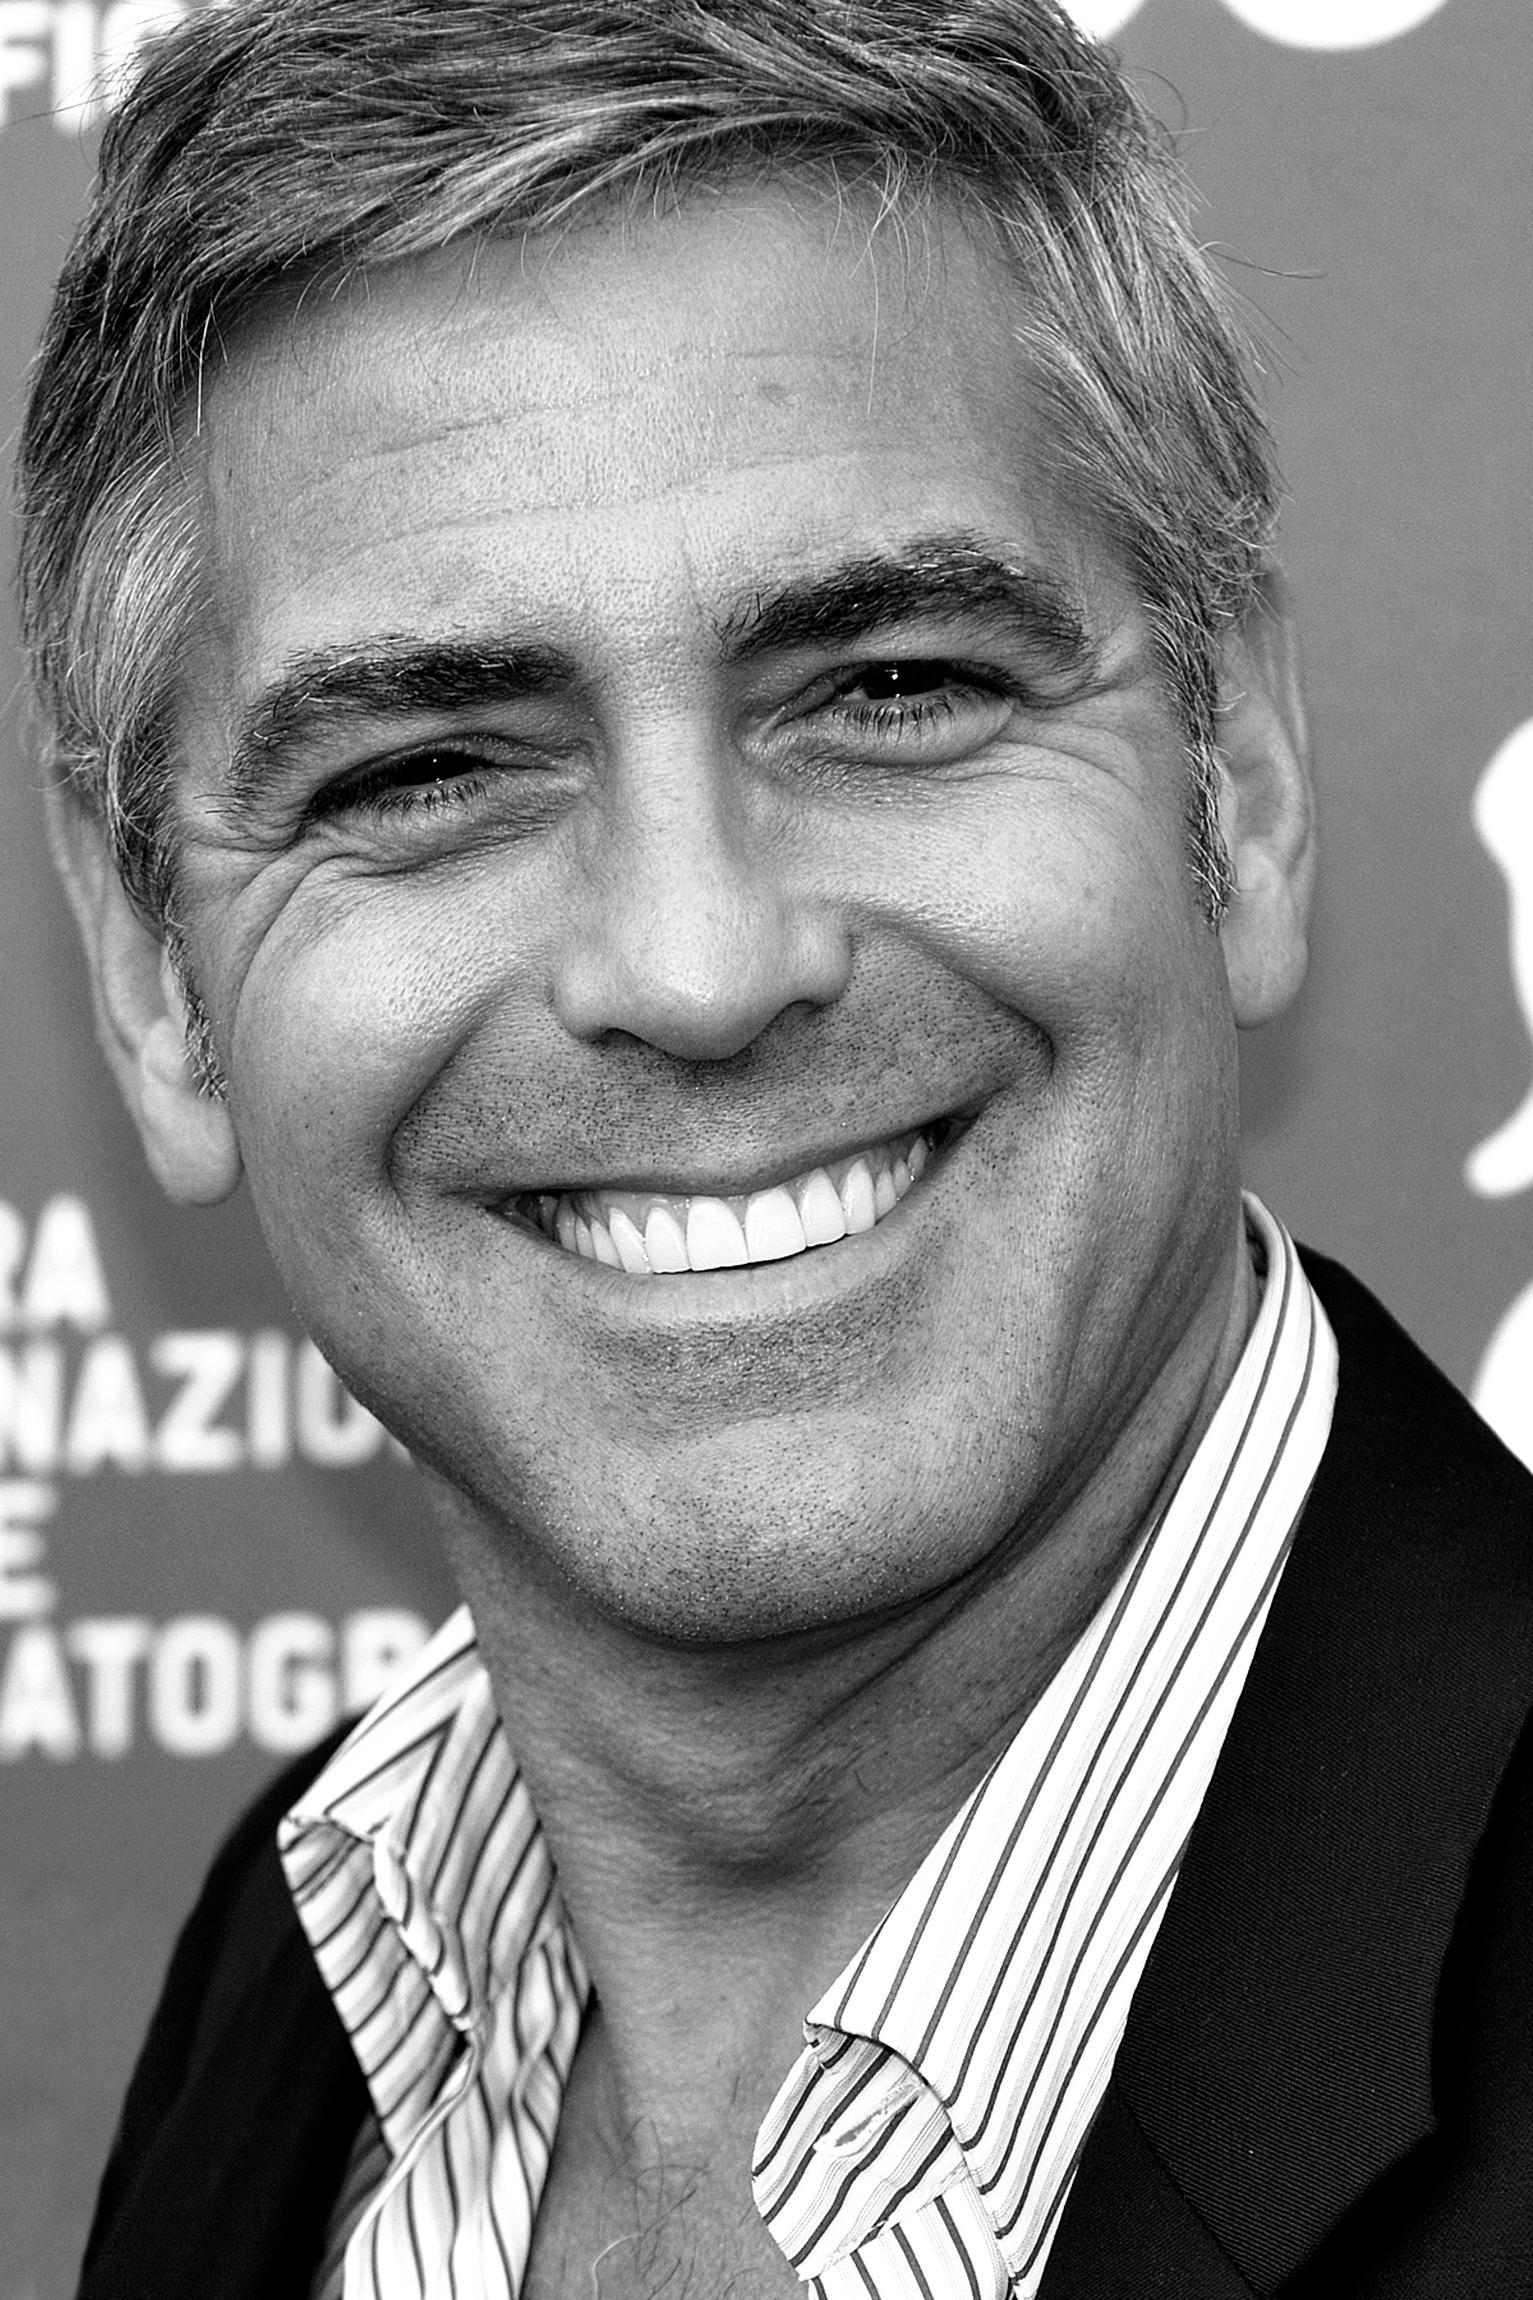 File:George Clooney 66...